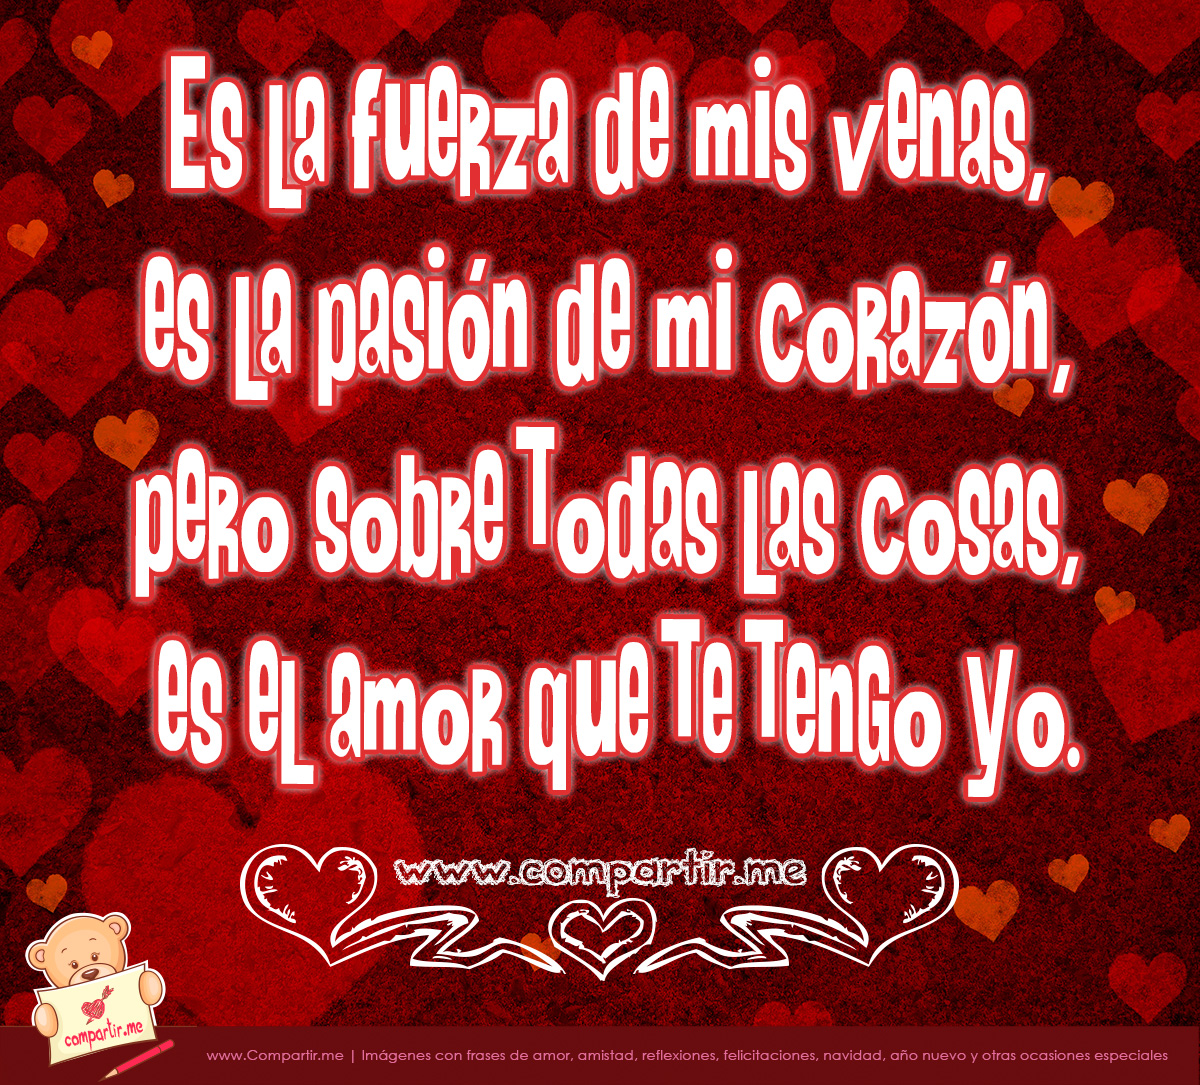 de corazones rojos acompanado de un verso de amor es la fuerza de mis